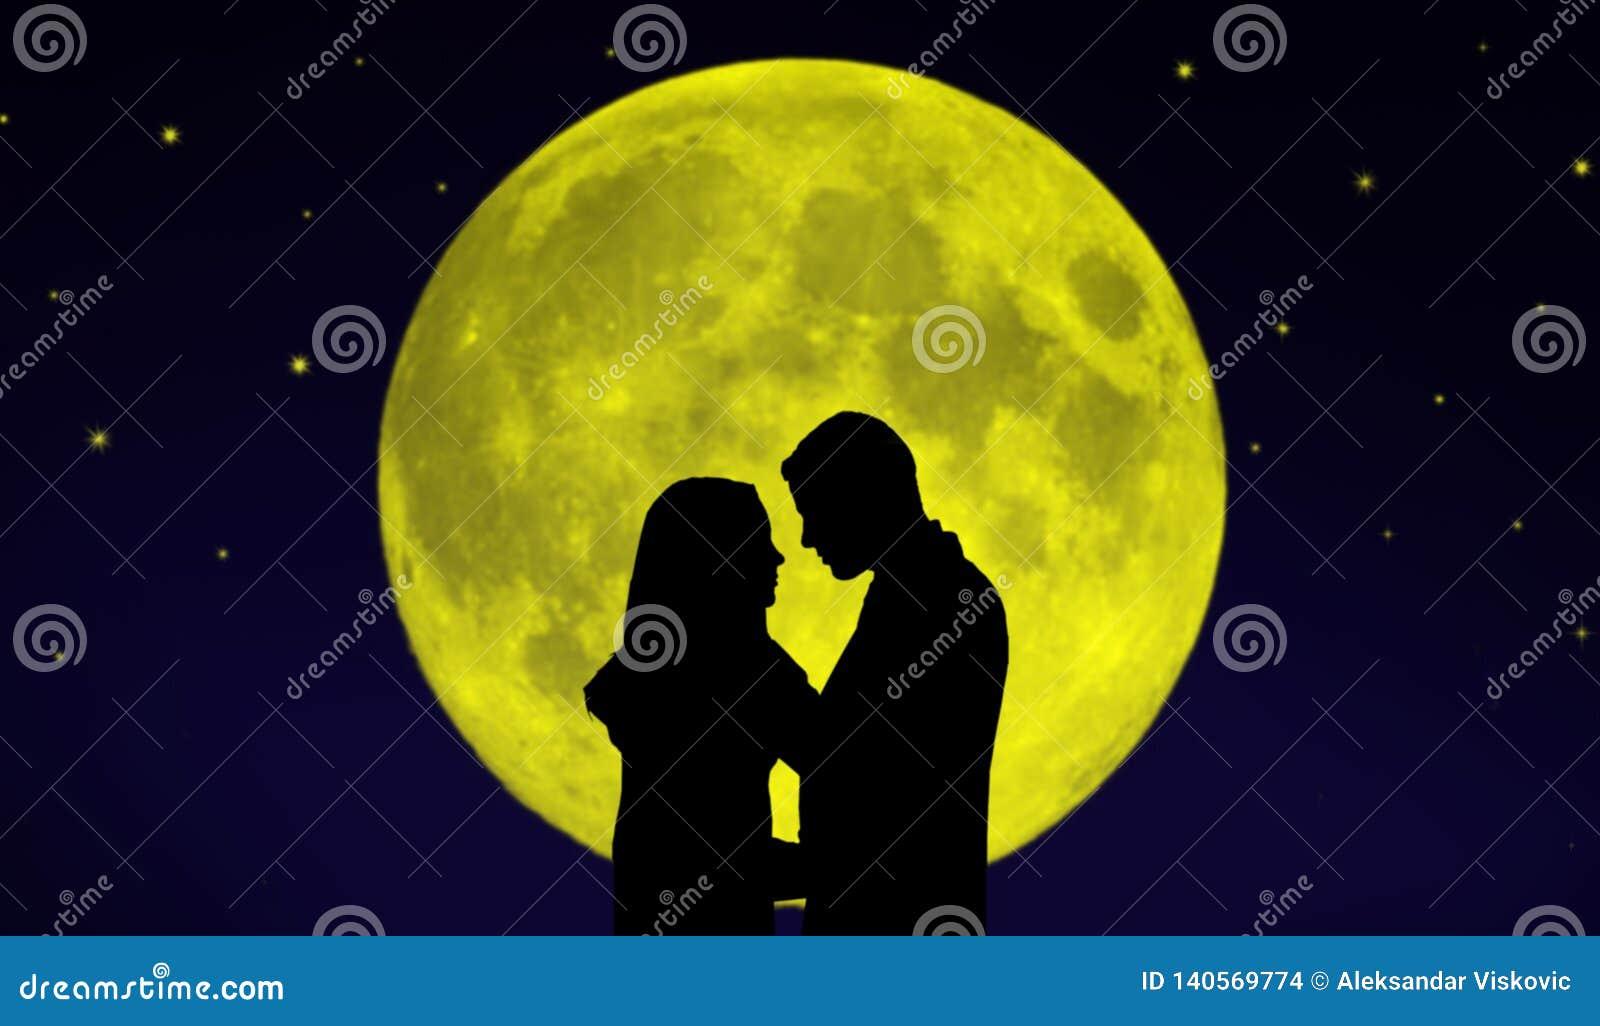 Verbinden Sie vor dem Mond